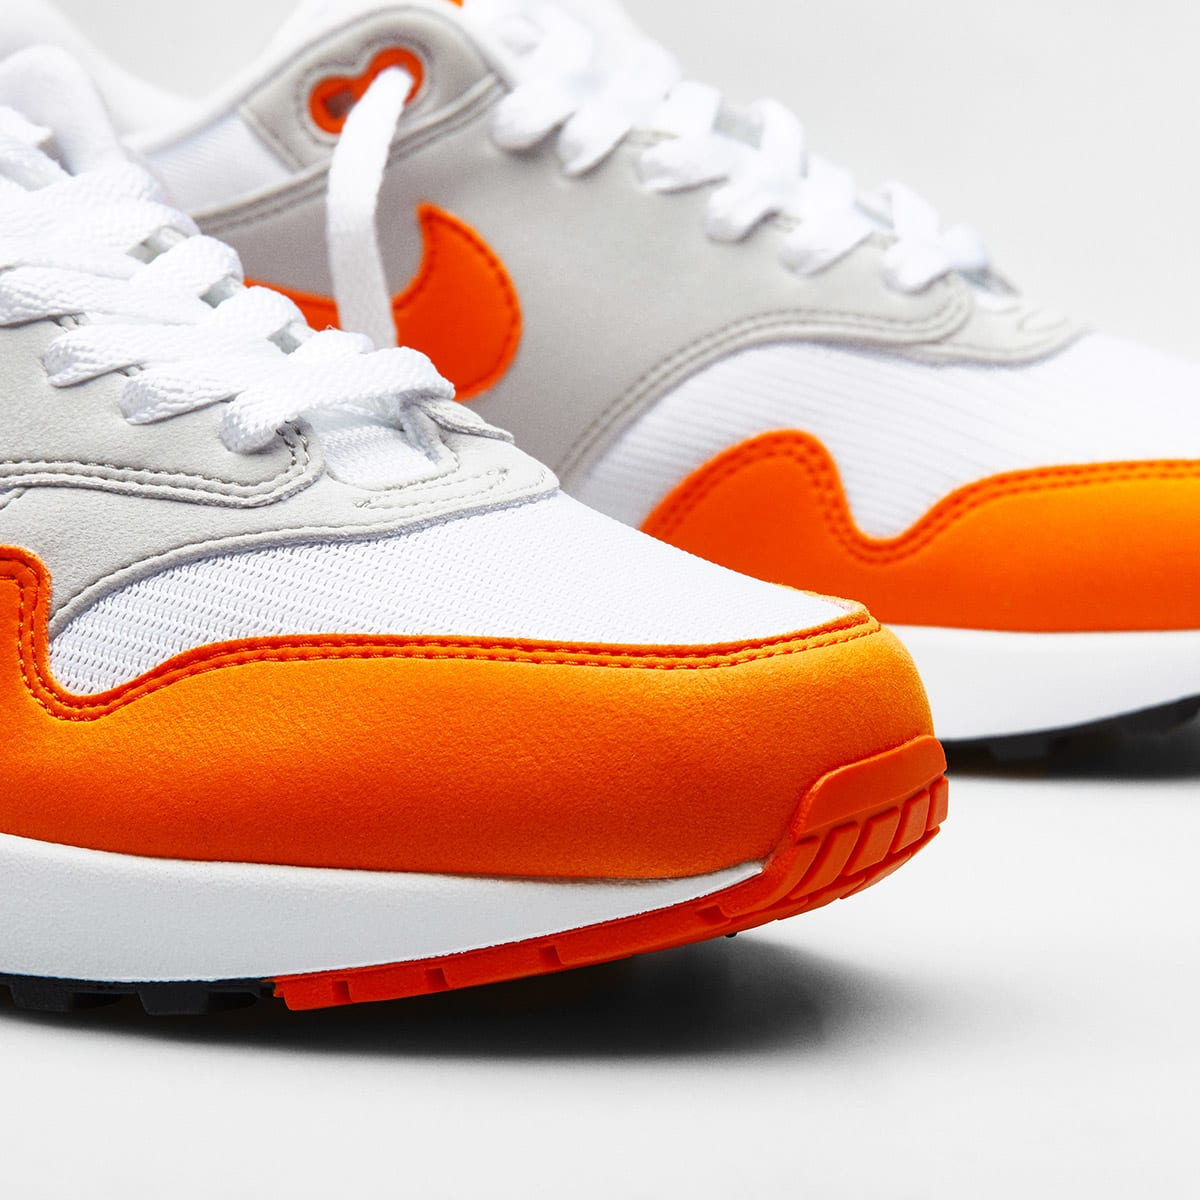 Nike Air Max 1 - DC1454-101